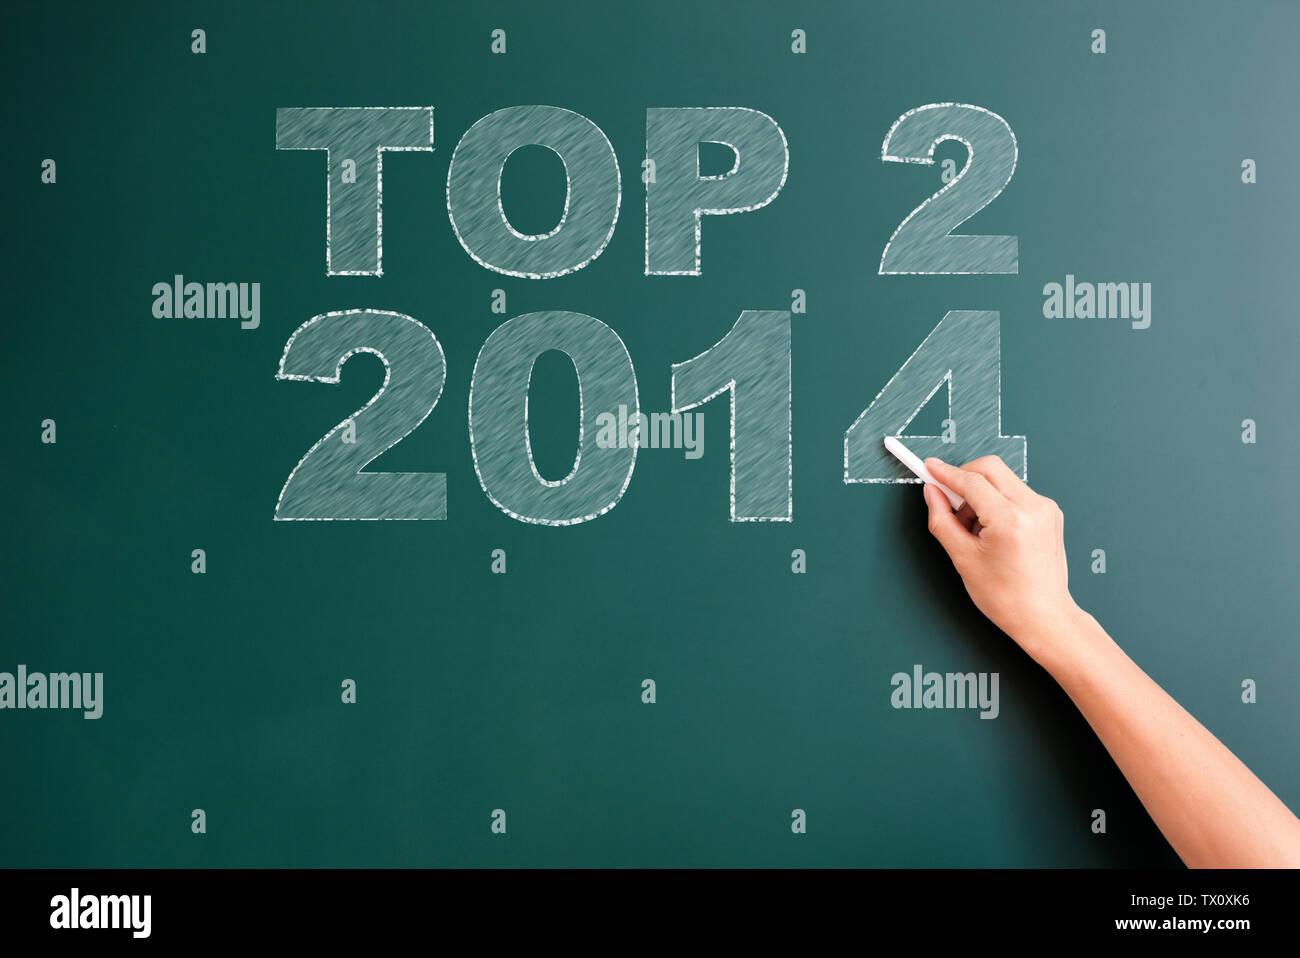 Top 2 2014 written on blackboard Photo Stock